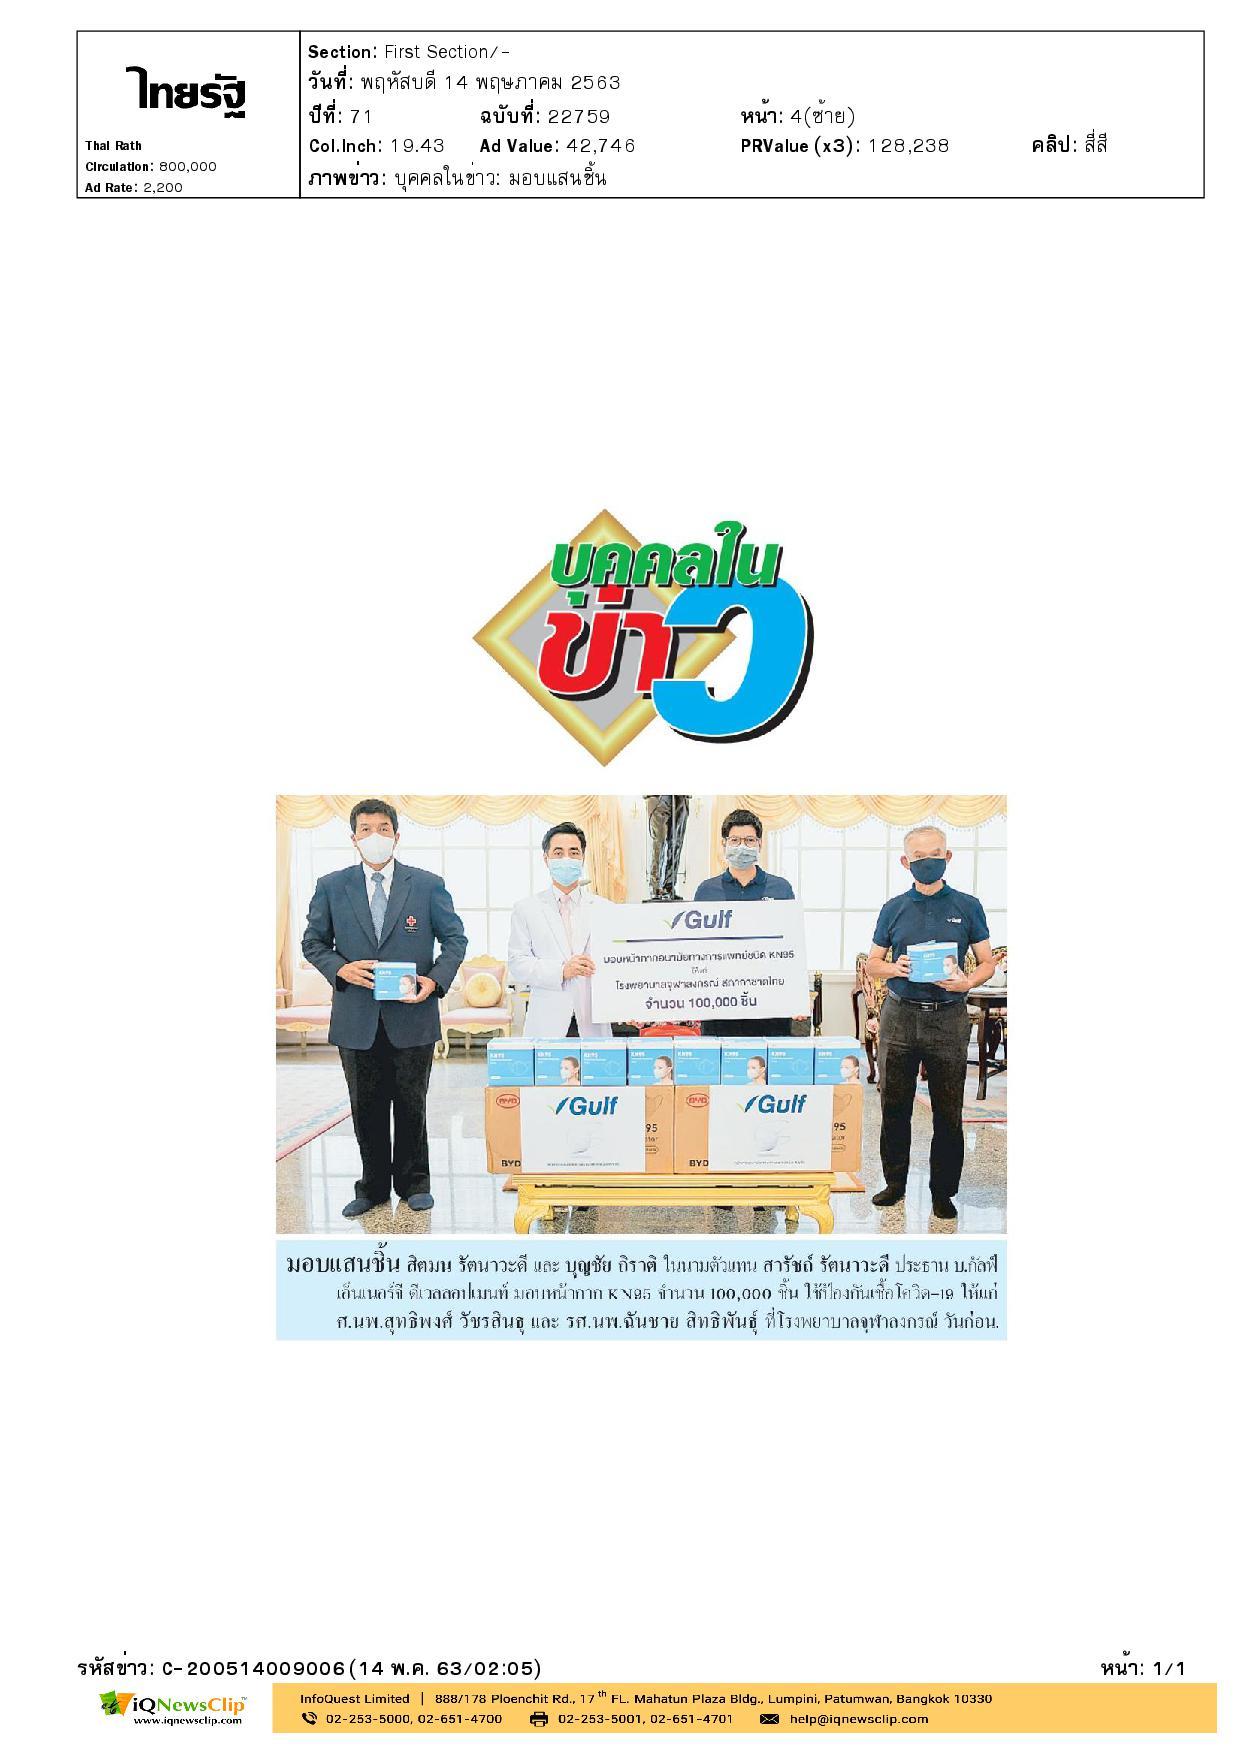 ศ.นพ.สุทธิพงศ์ วัชรสินธุ รับมอบหน้ากาก KN95